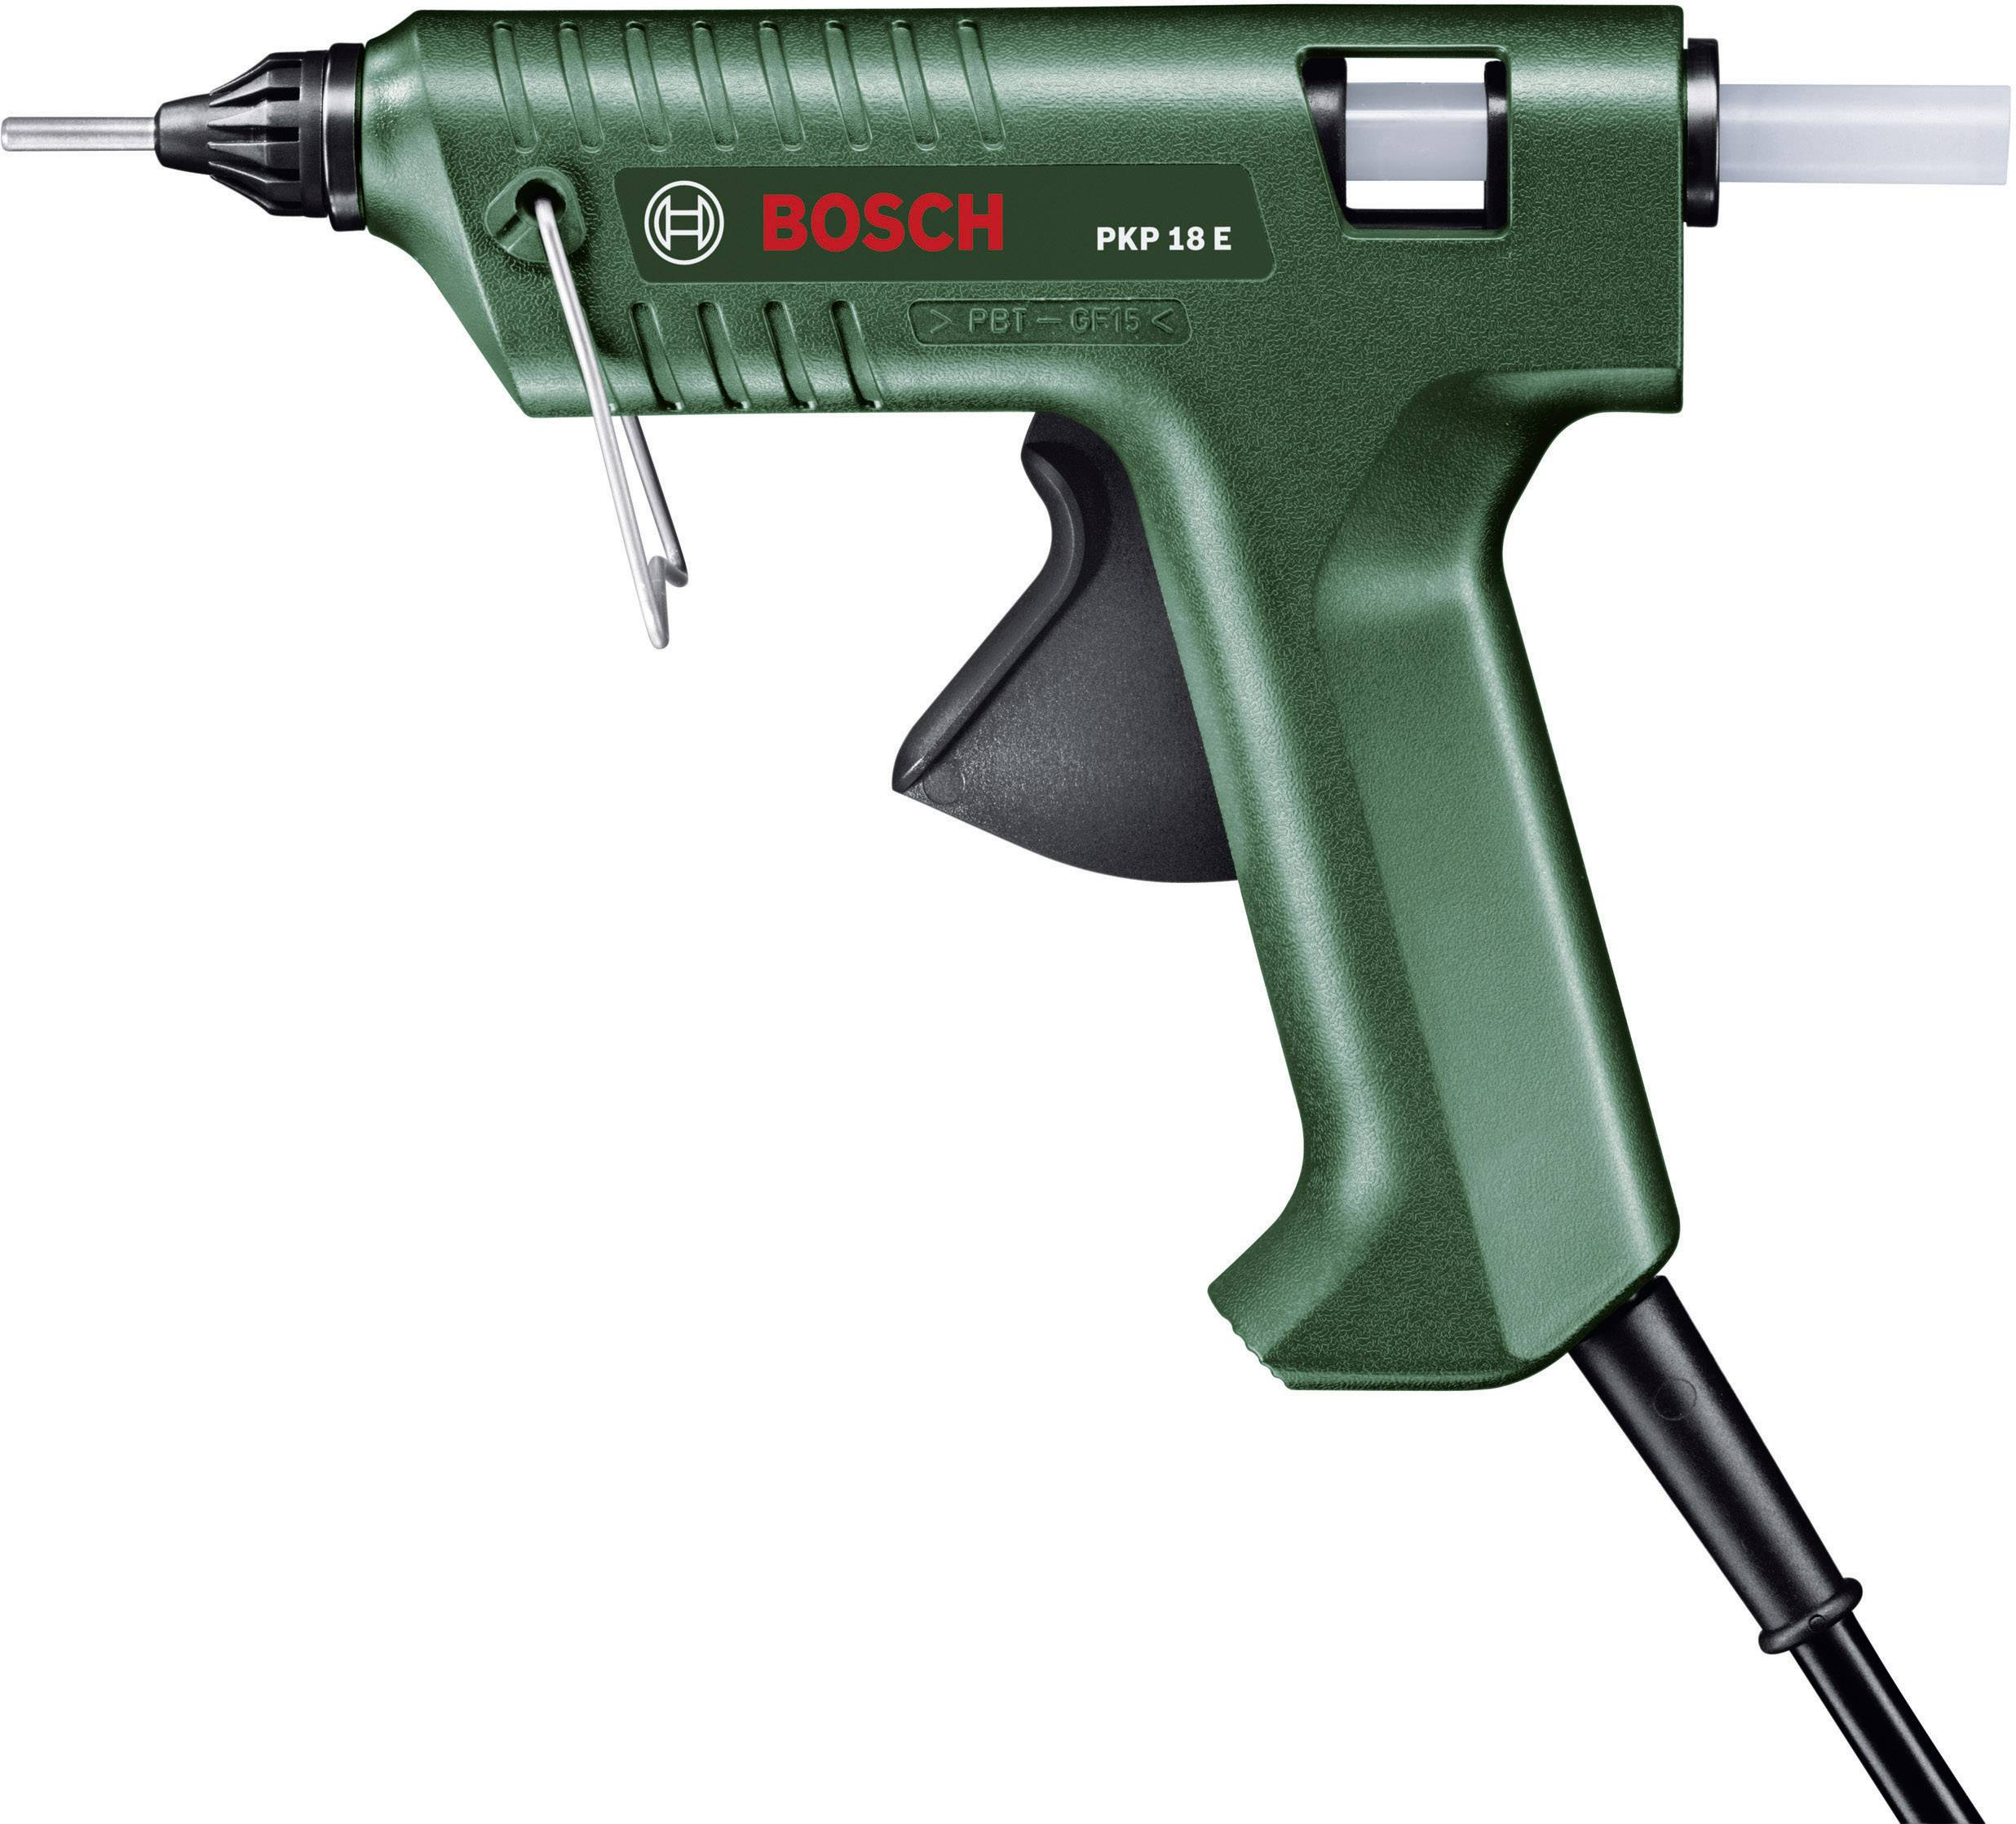 Tavná lepicí pistole Bosch Home and Garden PKP 18 E 0603264503, 200 W